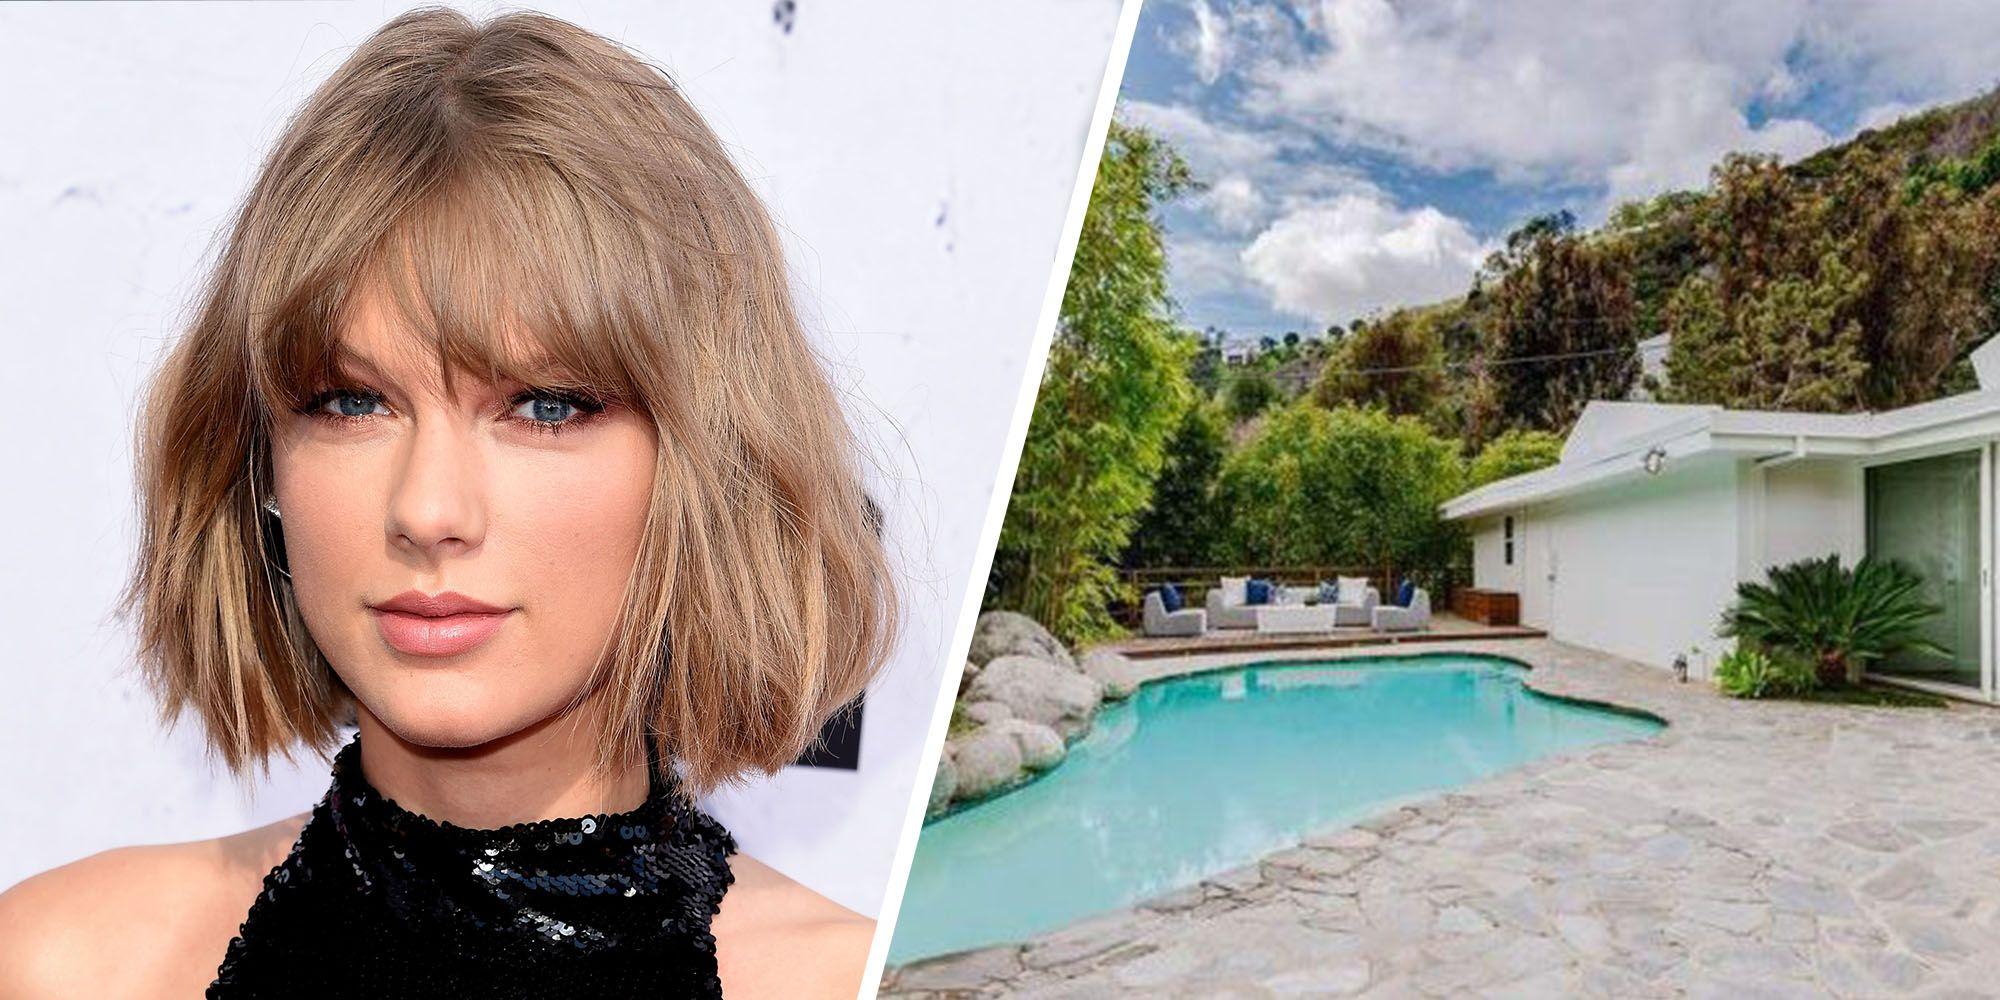 Taylor Swift House Photos Sneak Peek Inside T Swift S 8 Homes